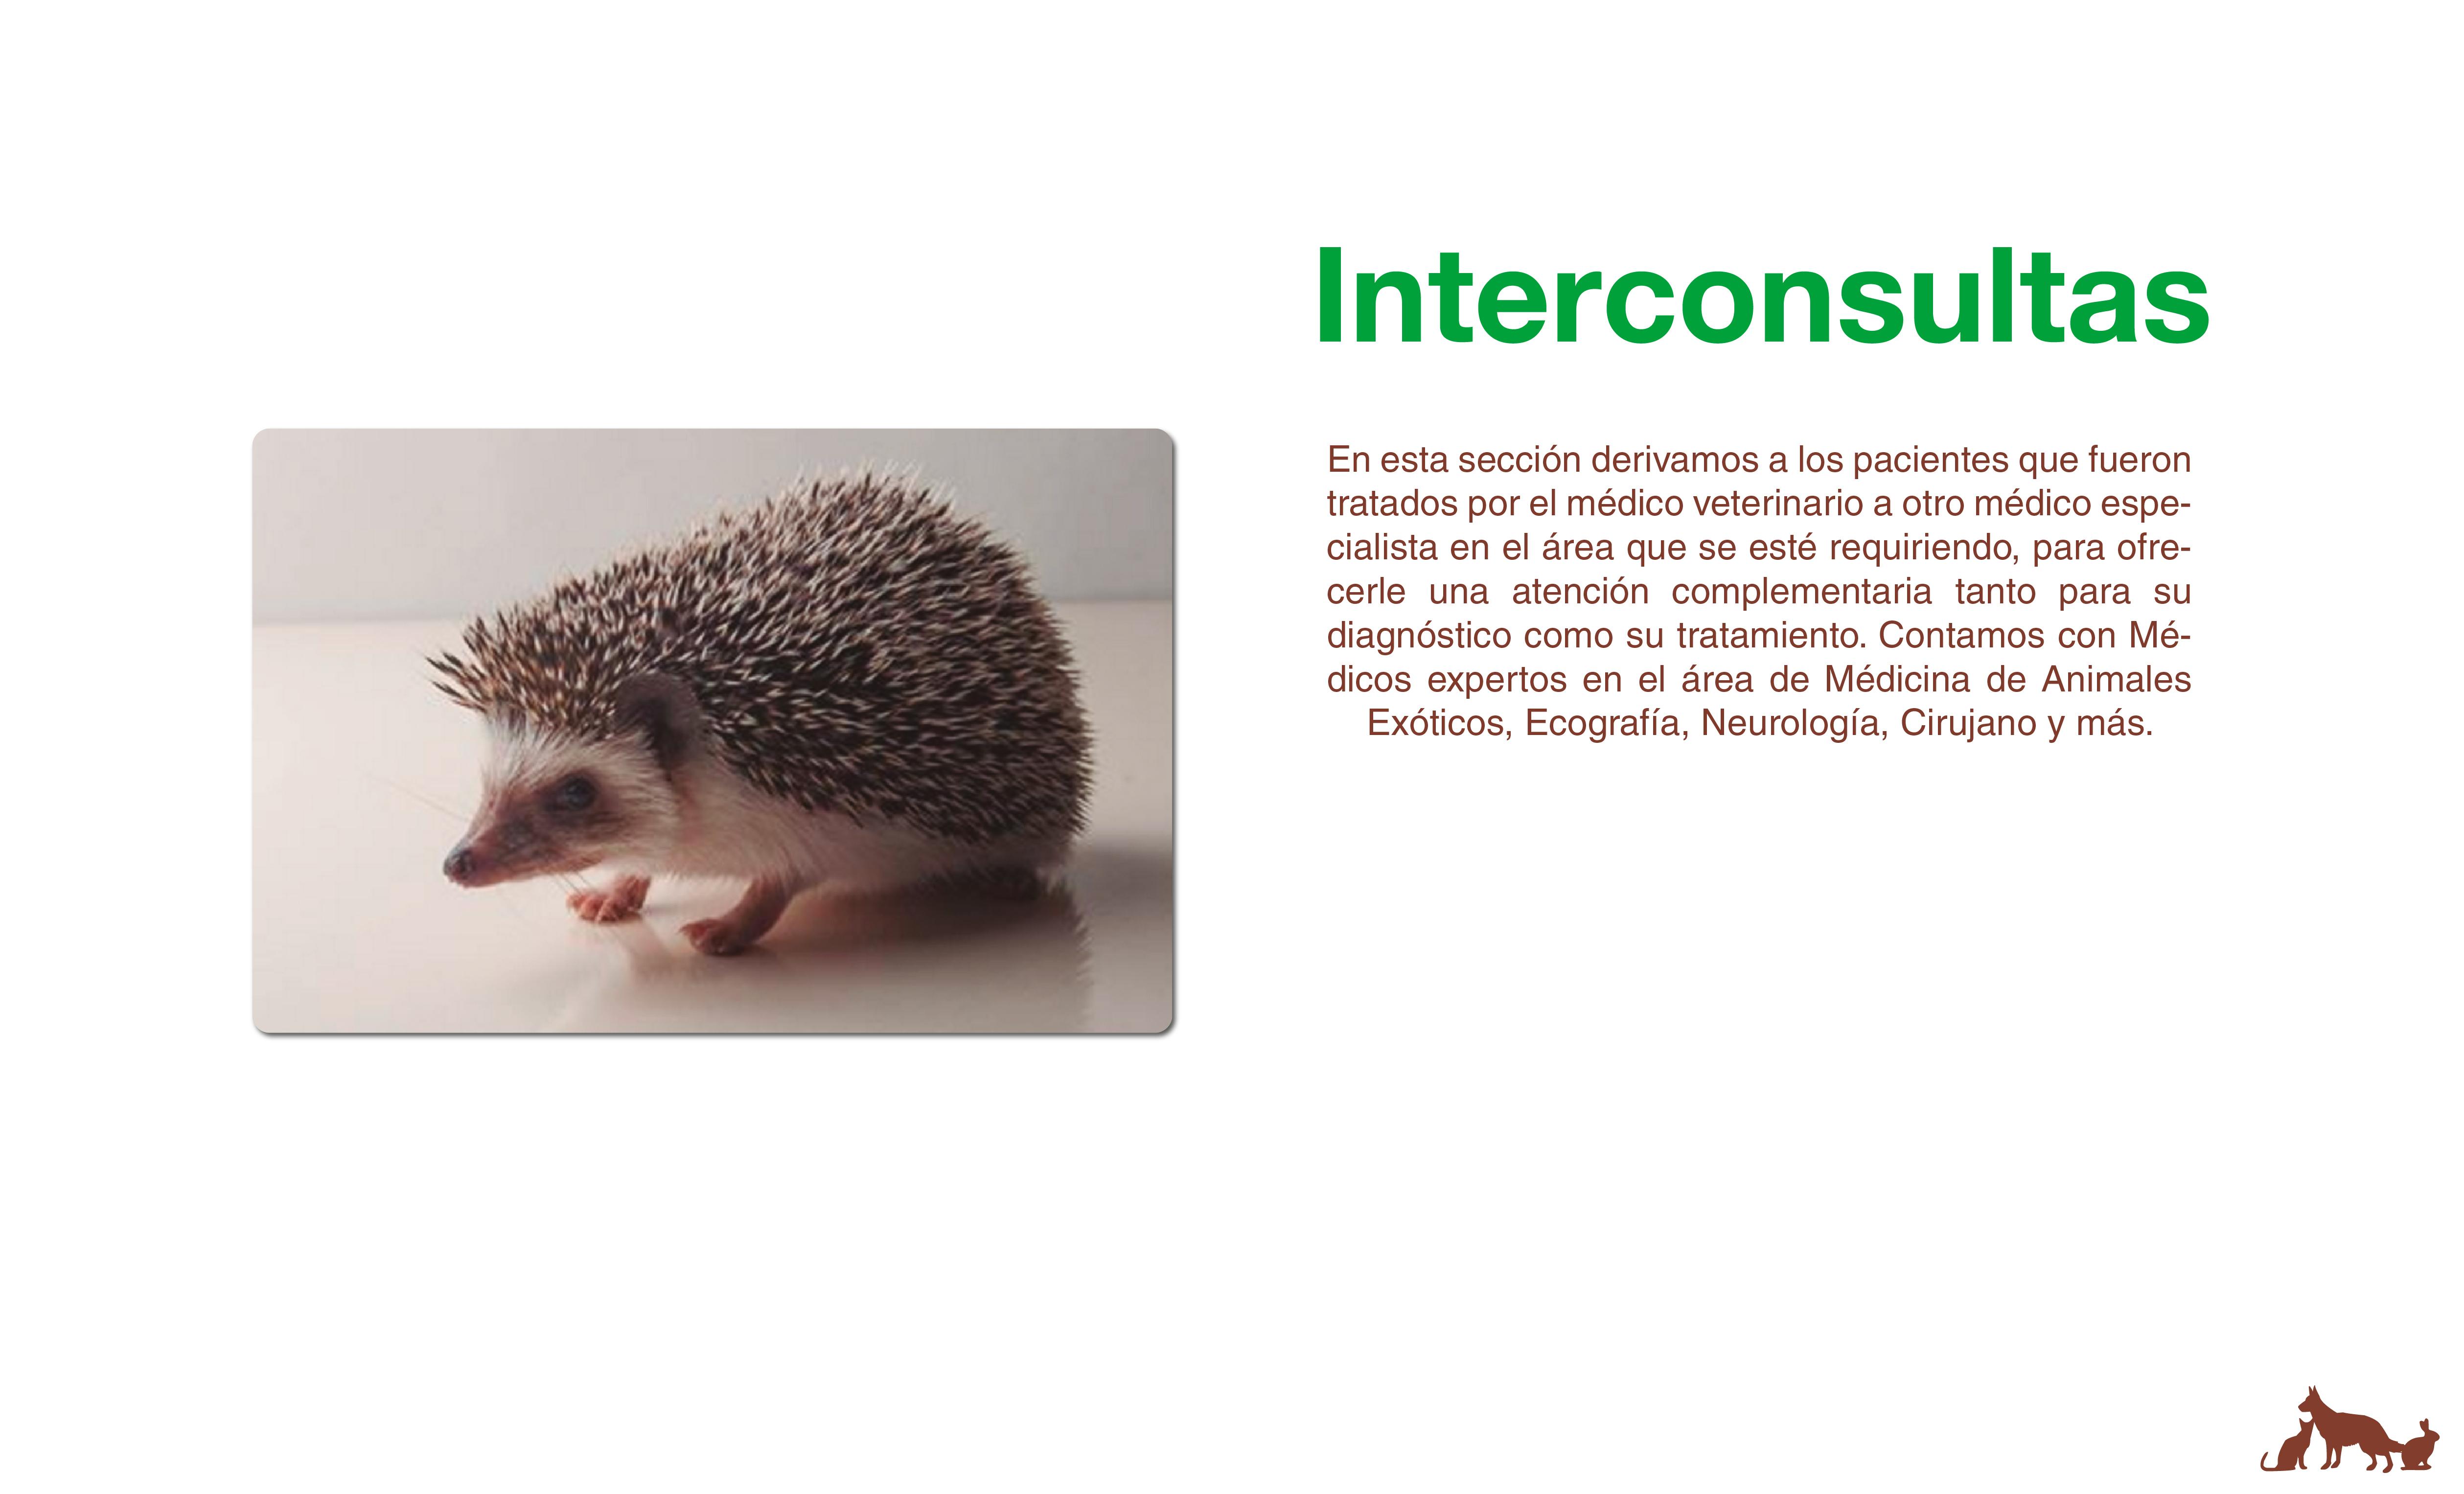 interconsultas